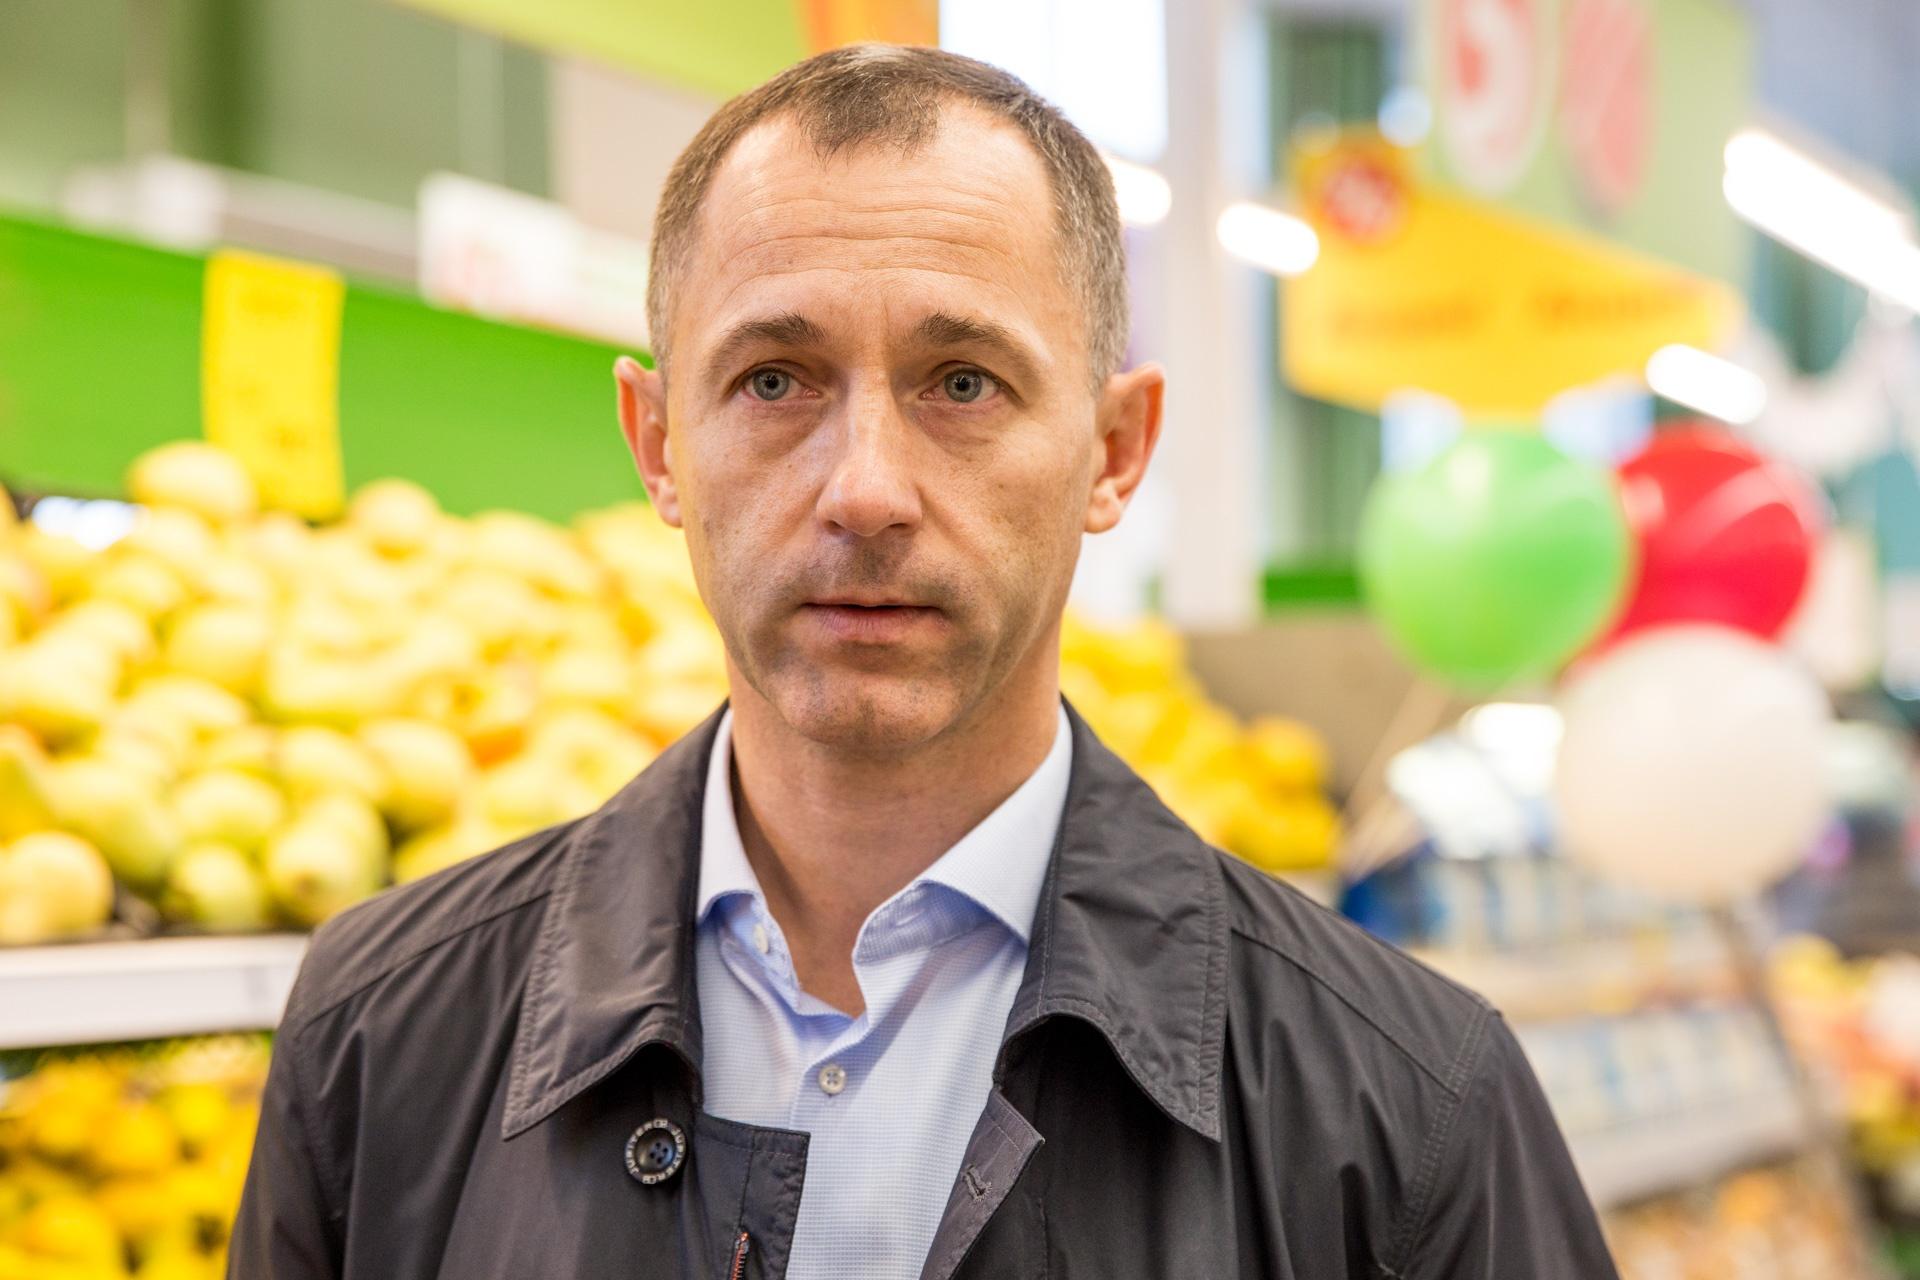 Дмитрий Босой, операционный директор Северо-Восточного дивизиона торговой сети «Пятёрочка»